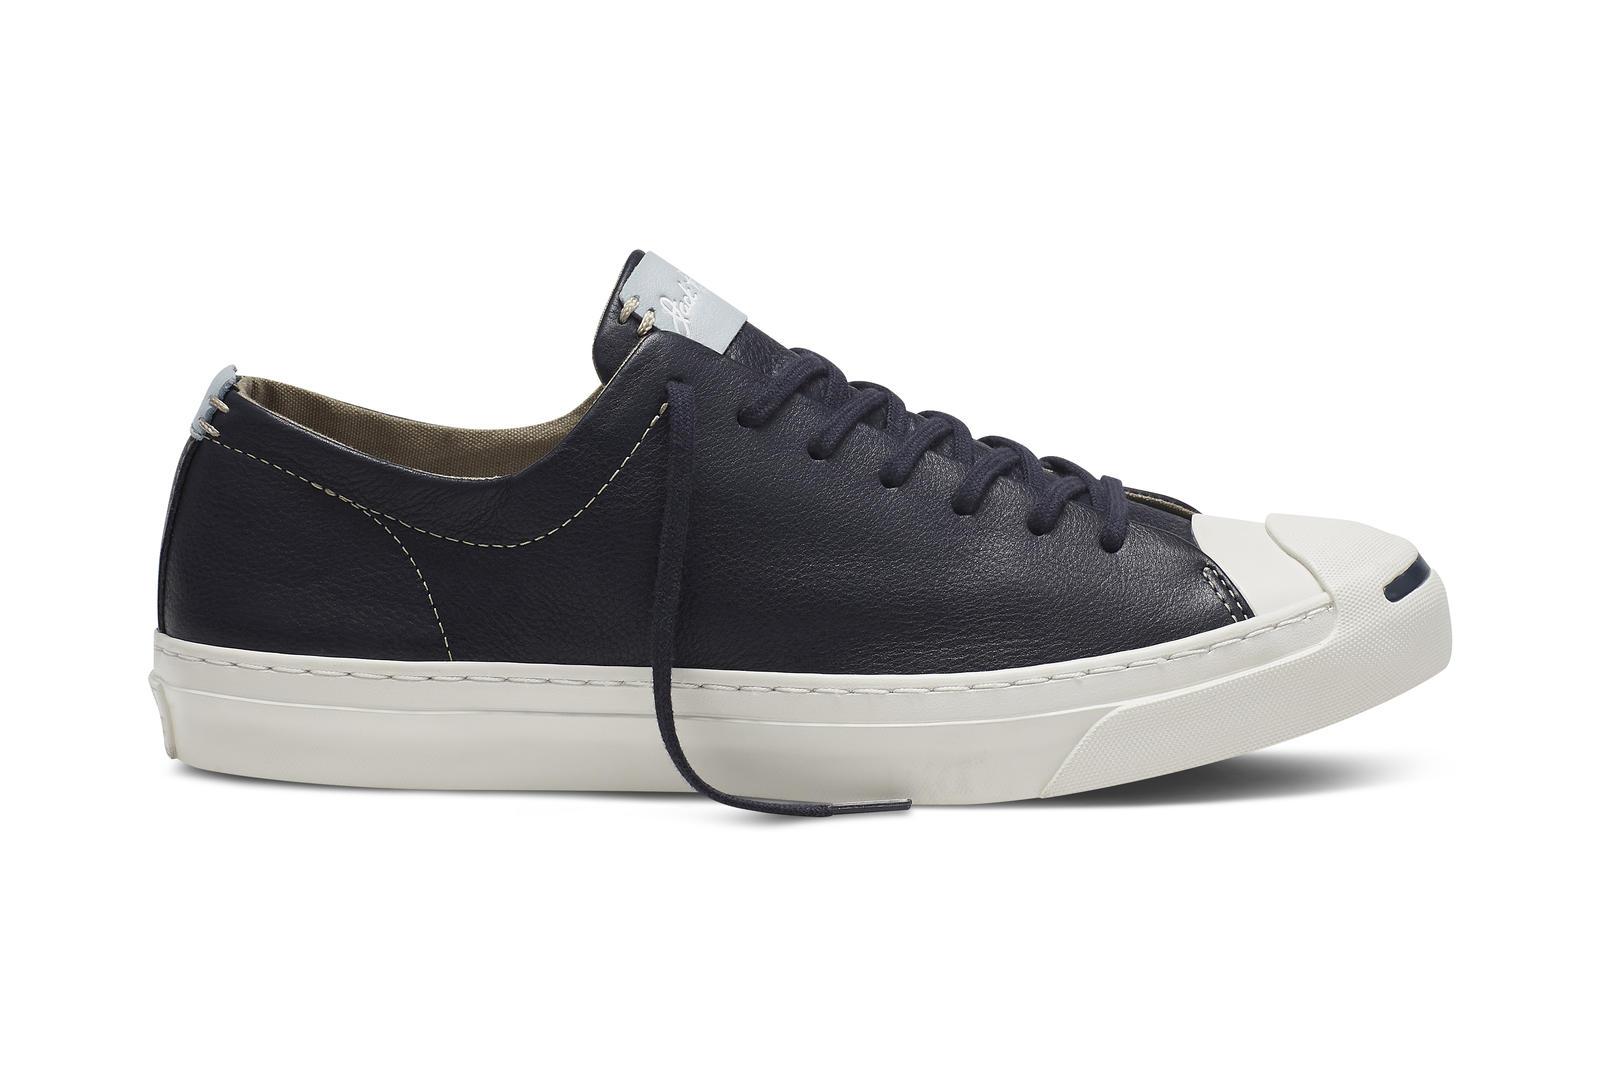 Converse Shoes Japan